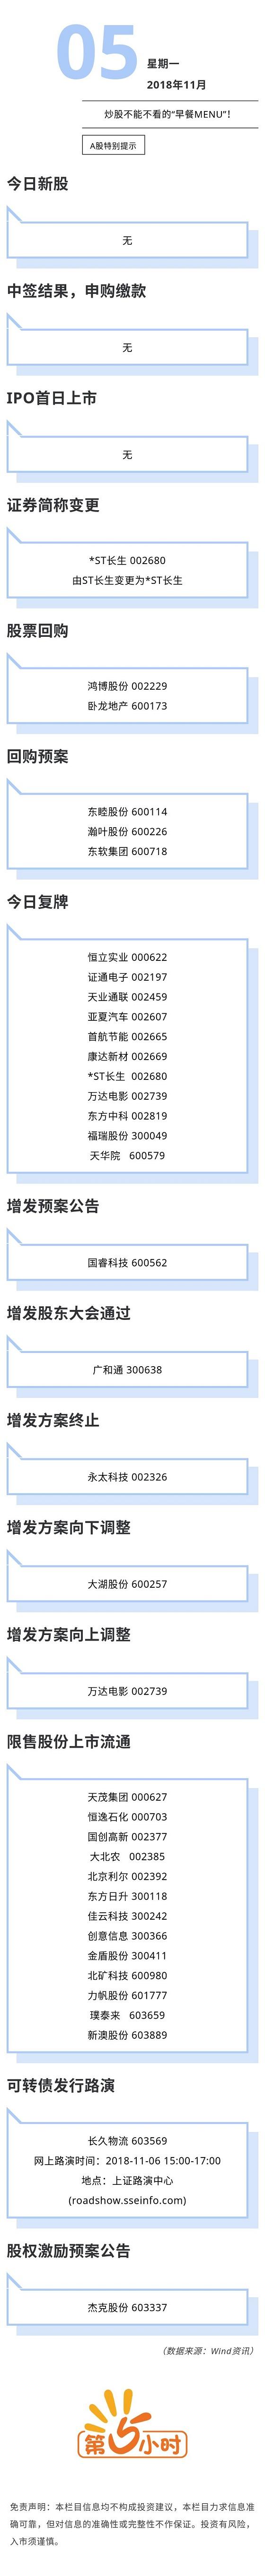 A股特别提示(2018-11-05).jpg